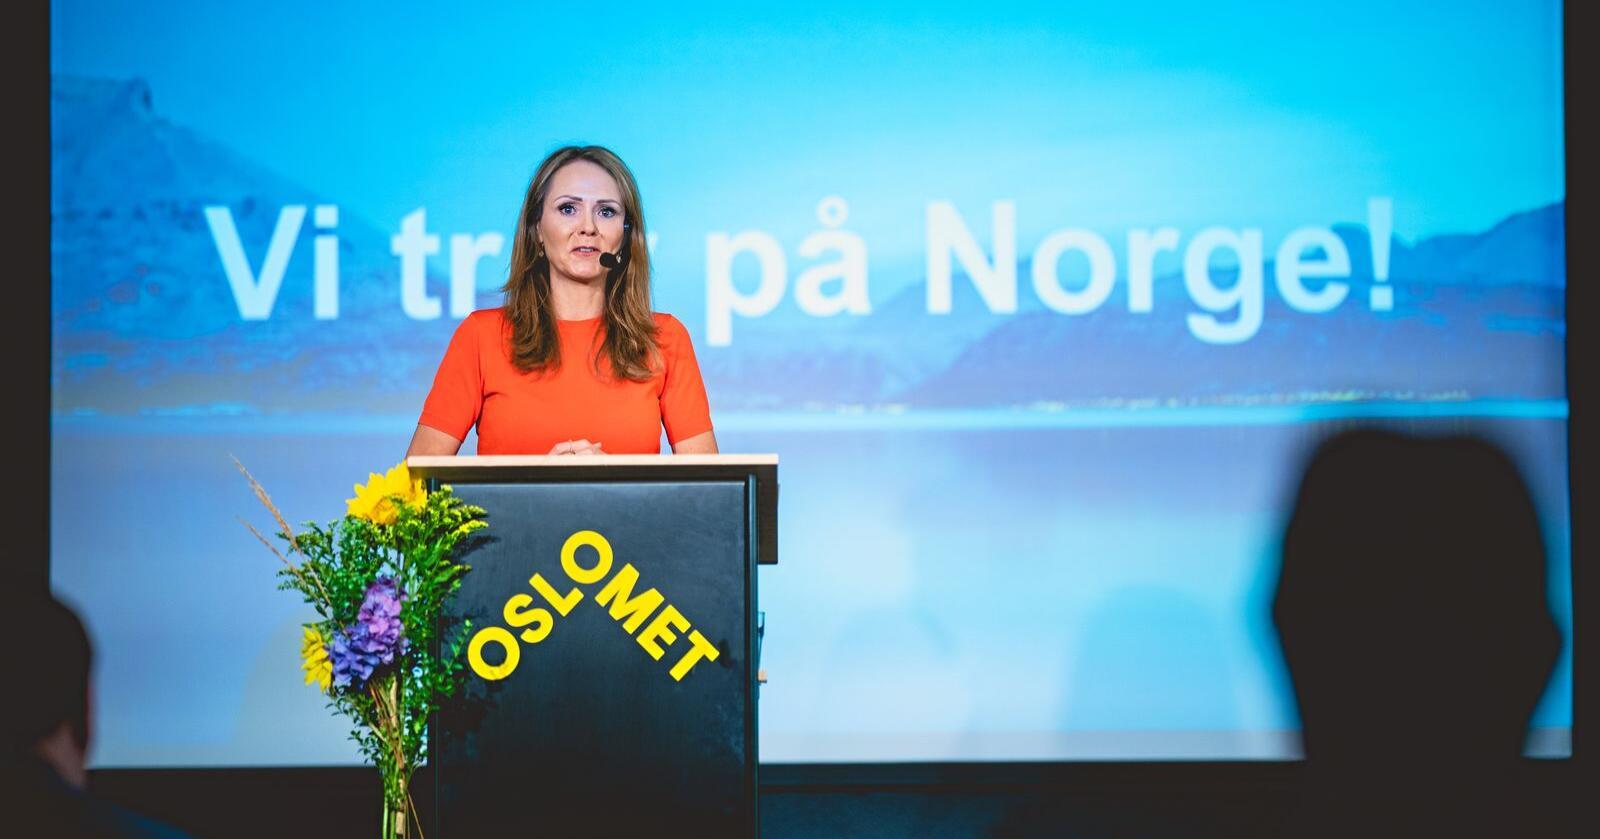 """Viktig: Lokaldemokratiet er ikke """"politisk lekmannsskjønn"""", men en viktig verdi for Norge, skriver distriktsminister Linda Hofstad Helleland (H). Foto: Stian Lysberg Solum / NTB scanpix"""